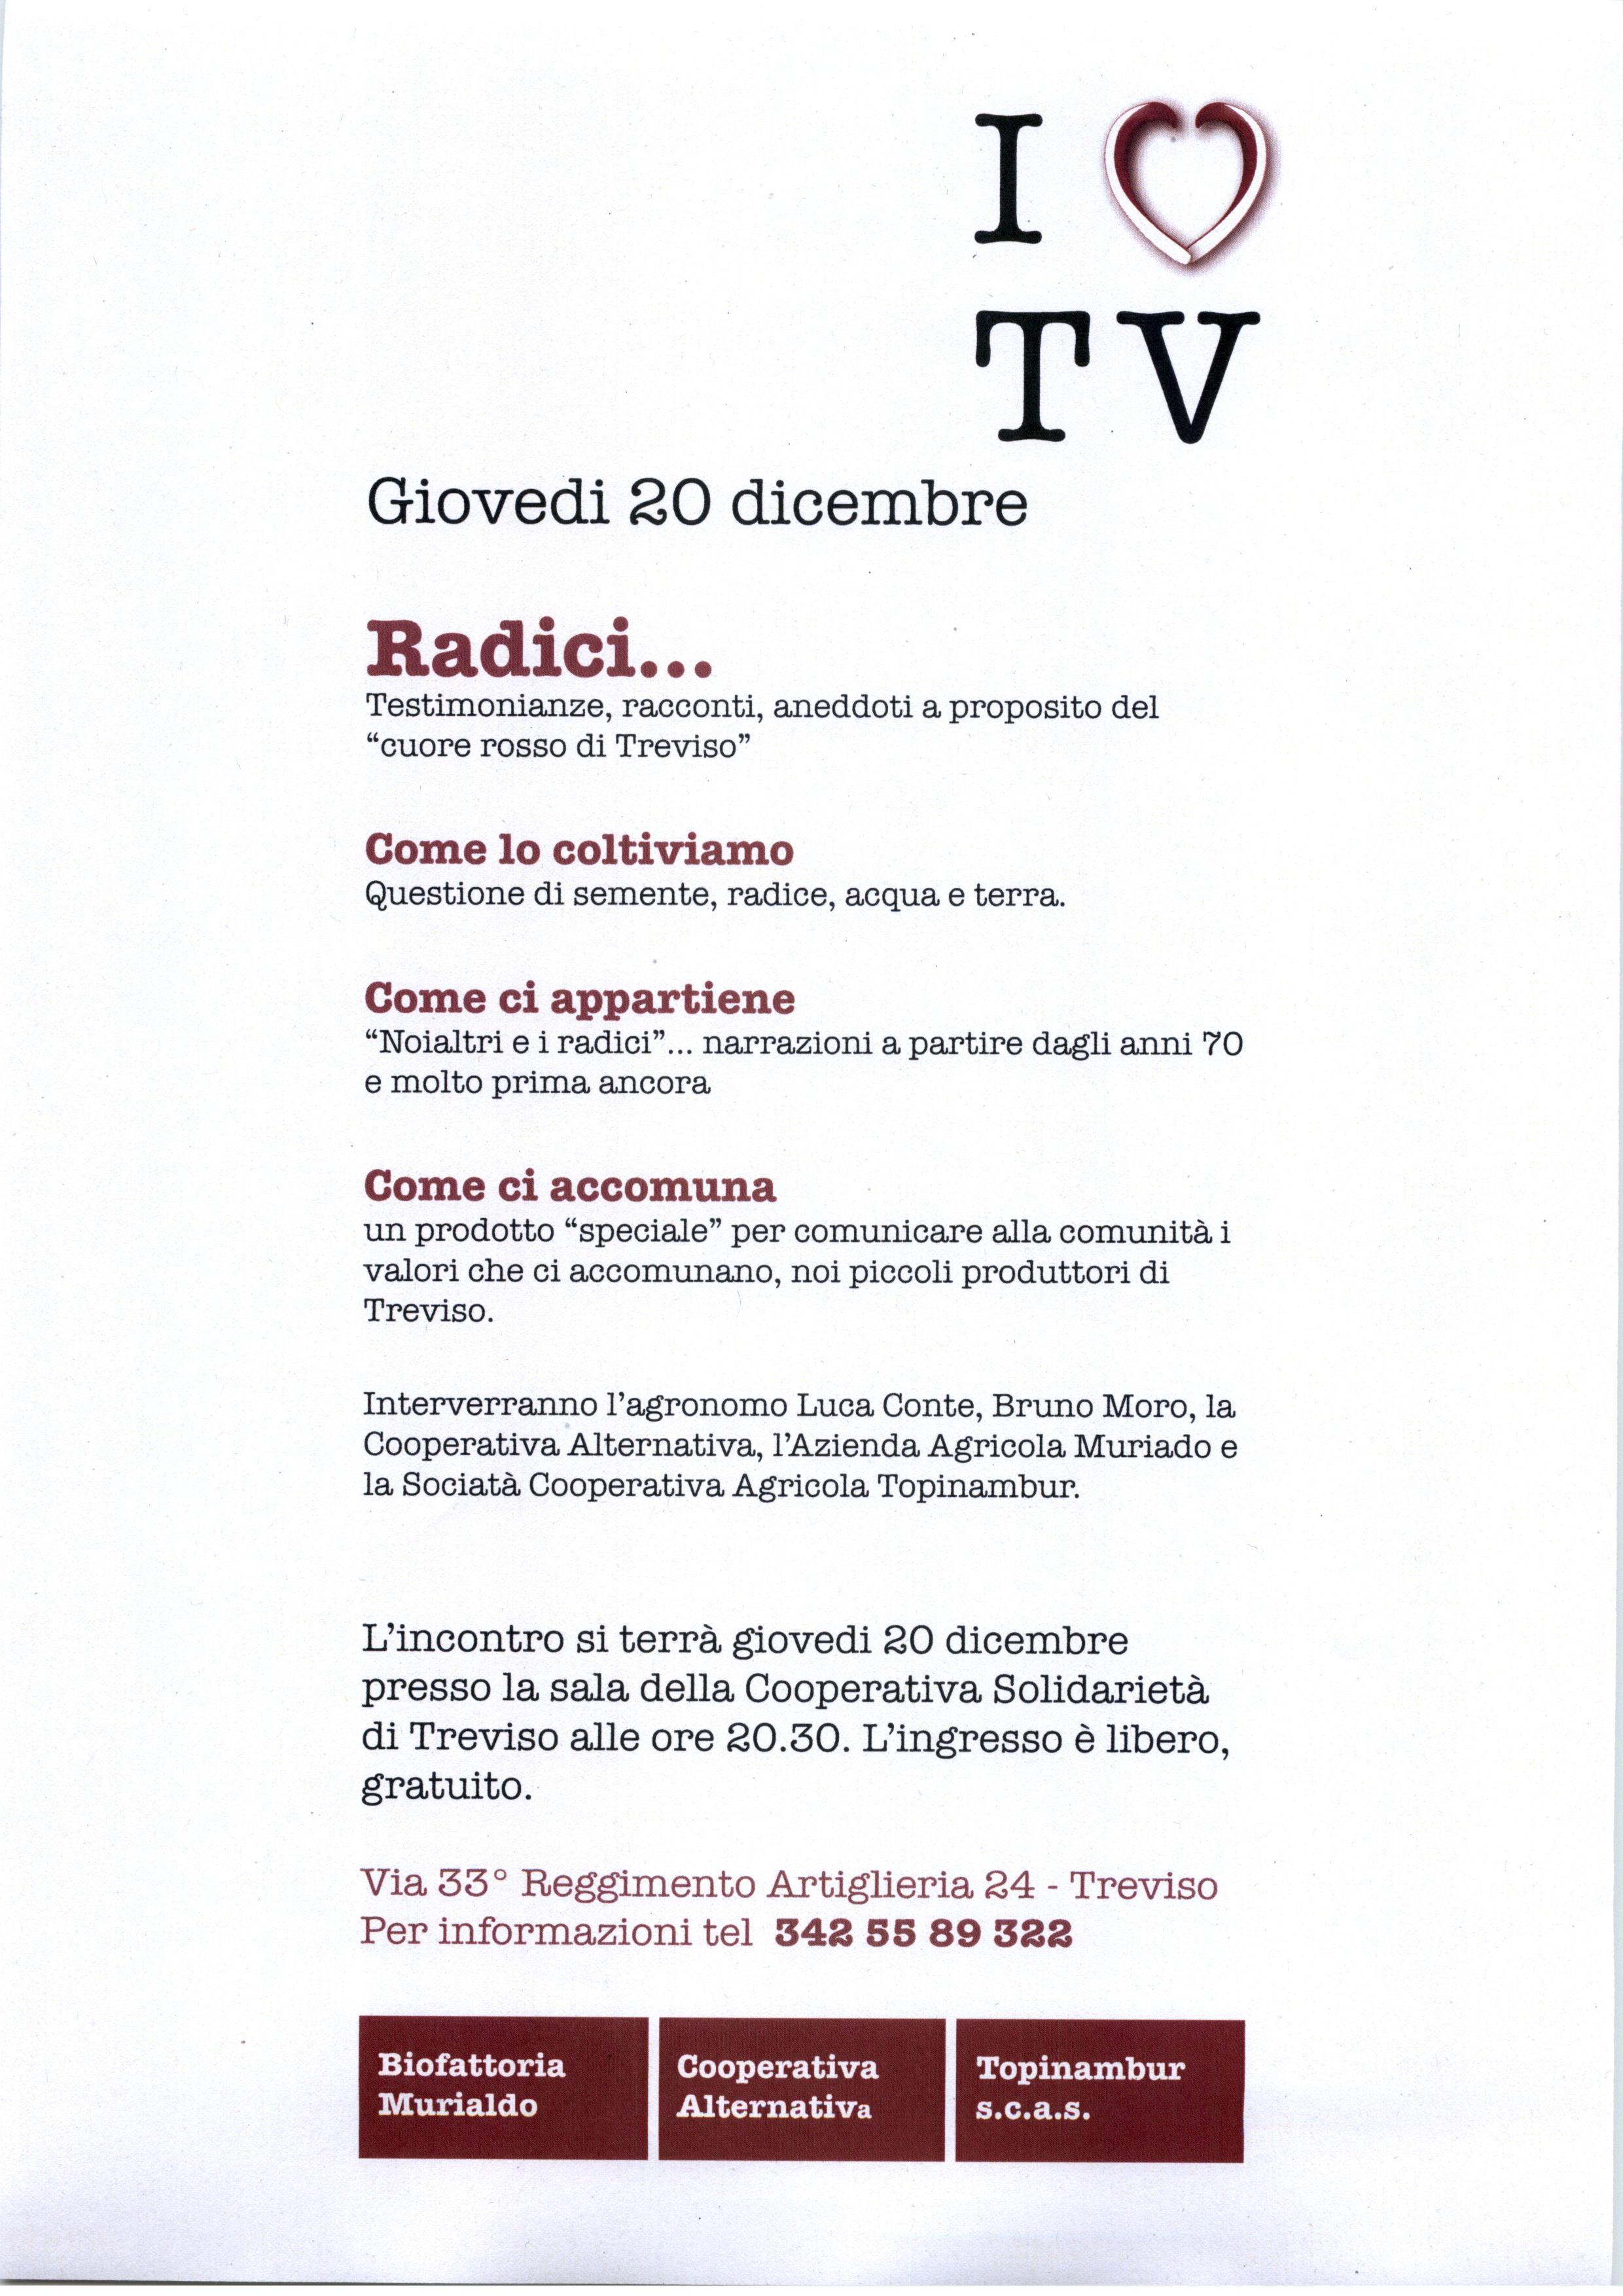 20 Dicembre 2012 – Radici – Treviso